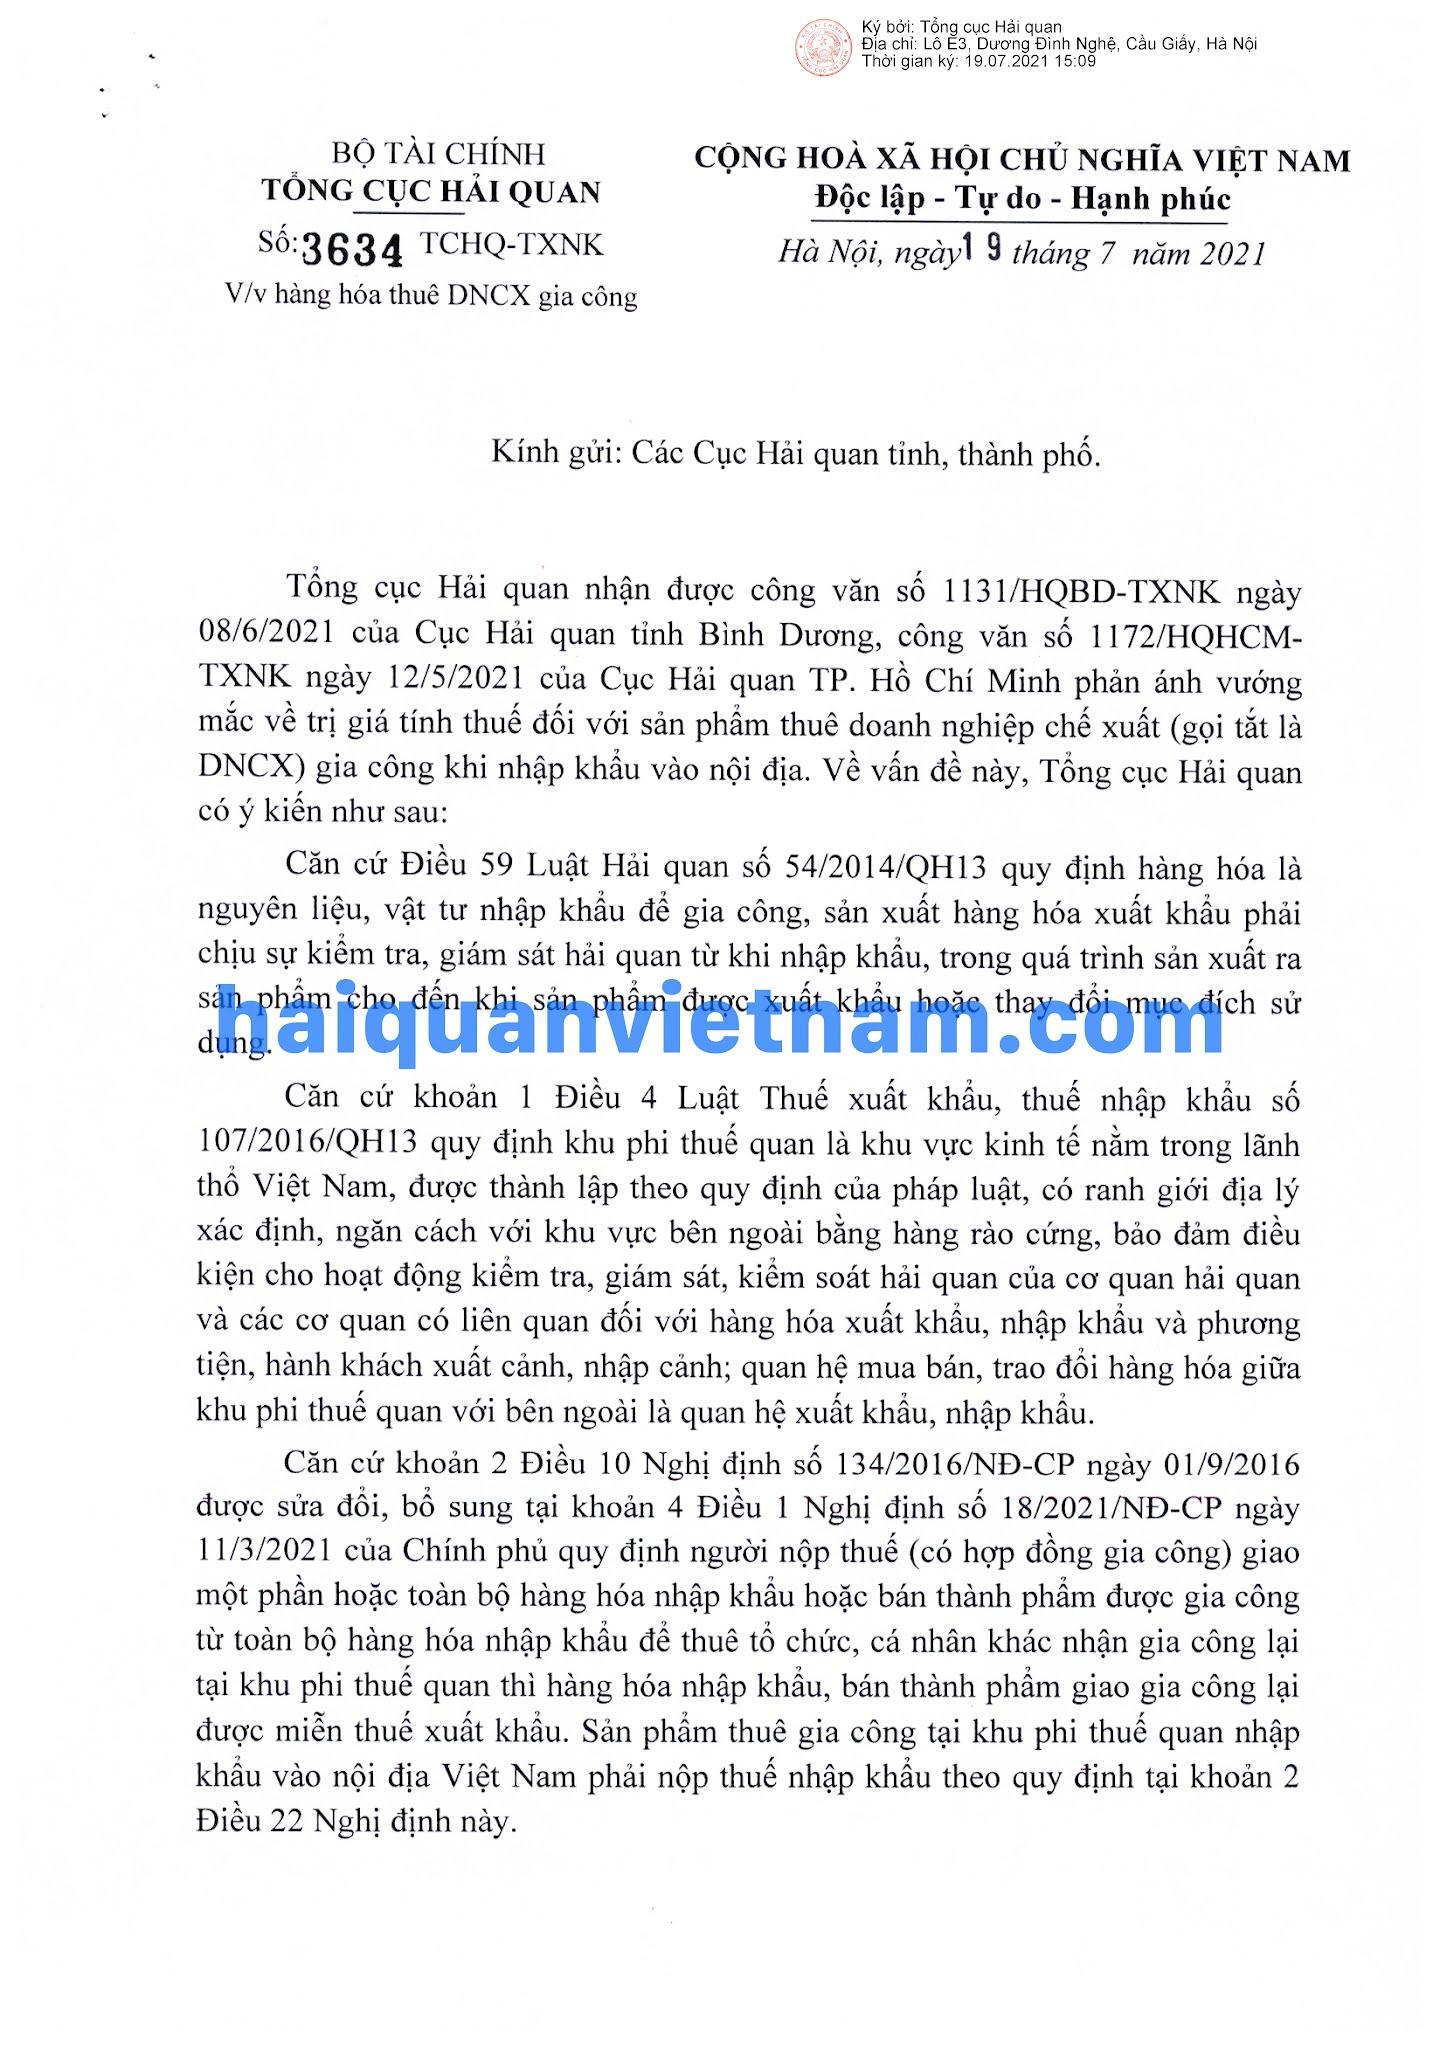 [Image: 210719%2B-%2B3634-TCHQ-TXNK_haiquanvietnam_01.jpg]